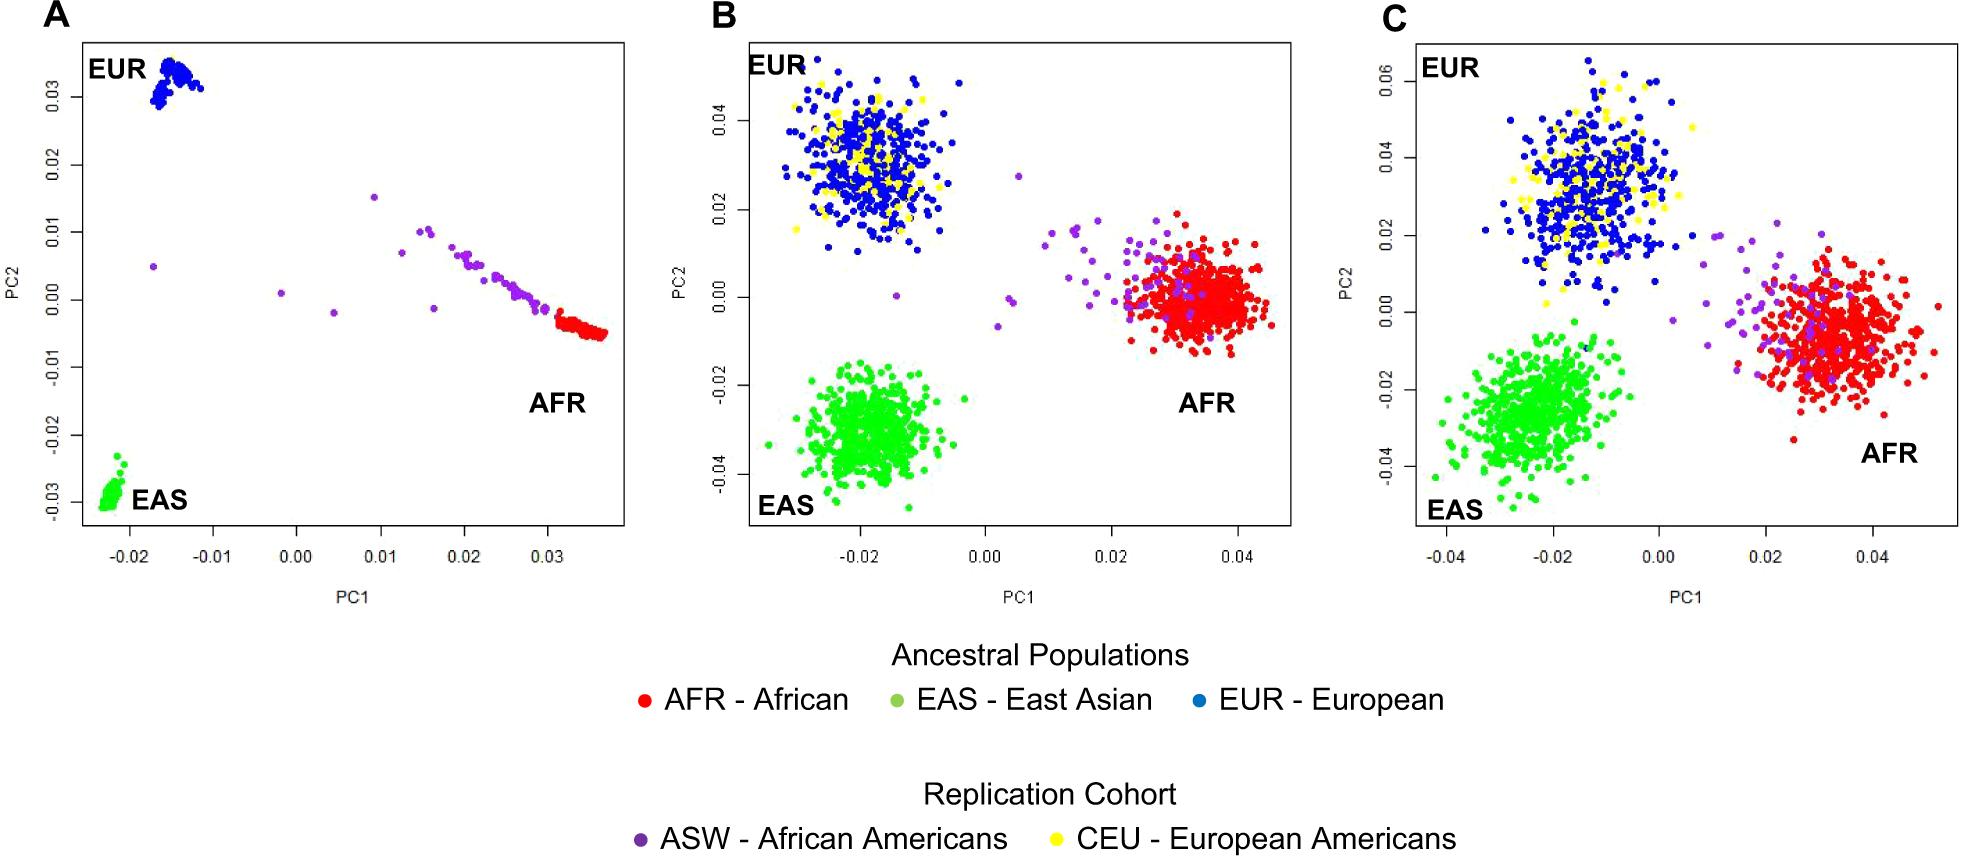 Pharmacogenomic genotypes define genetic ancestry in patients and enab